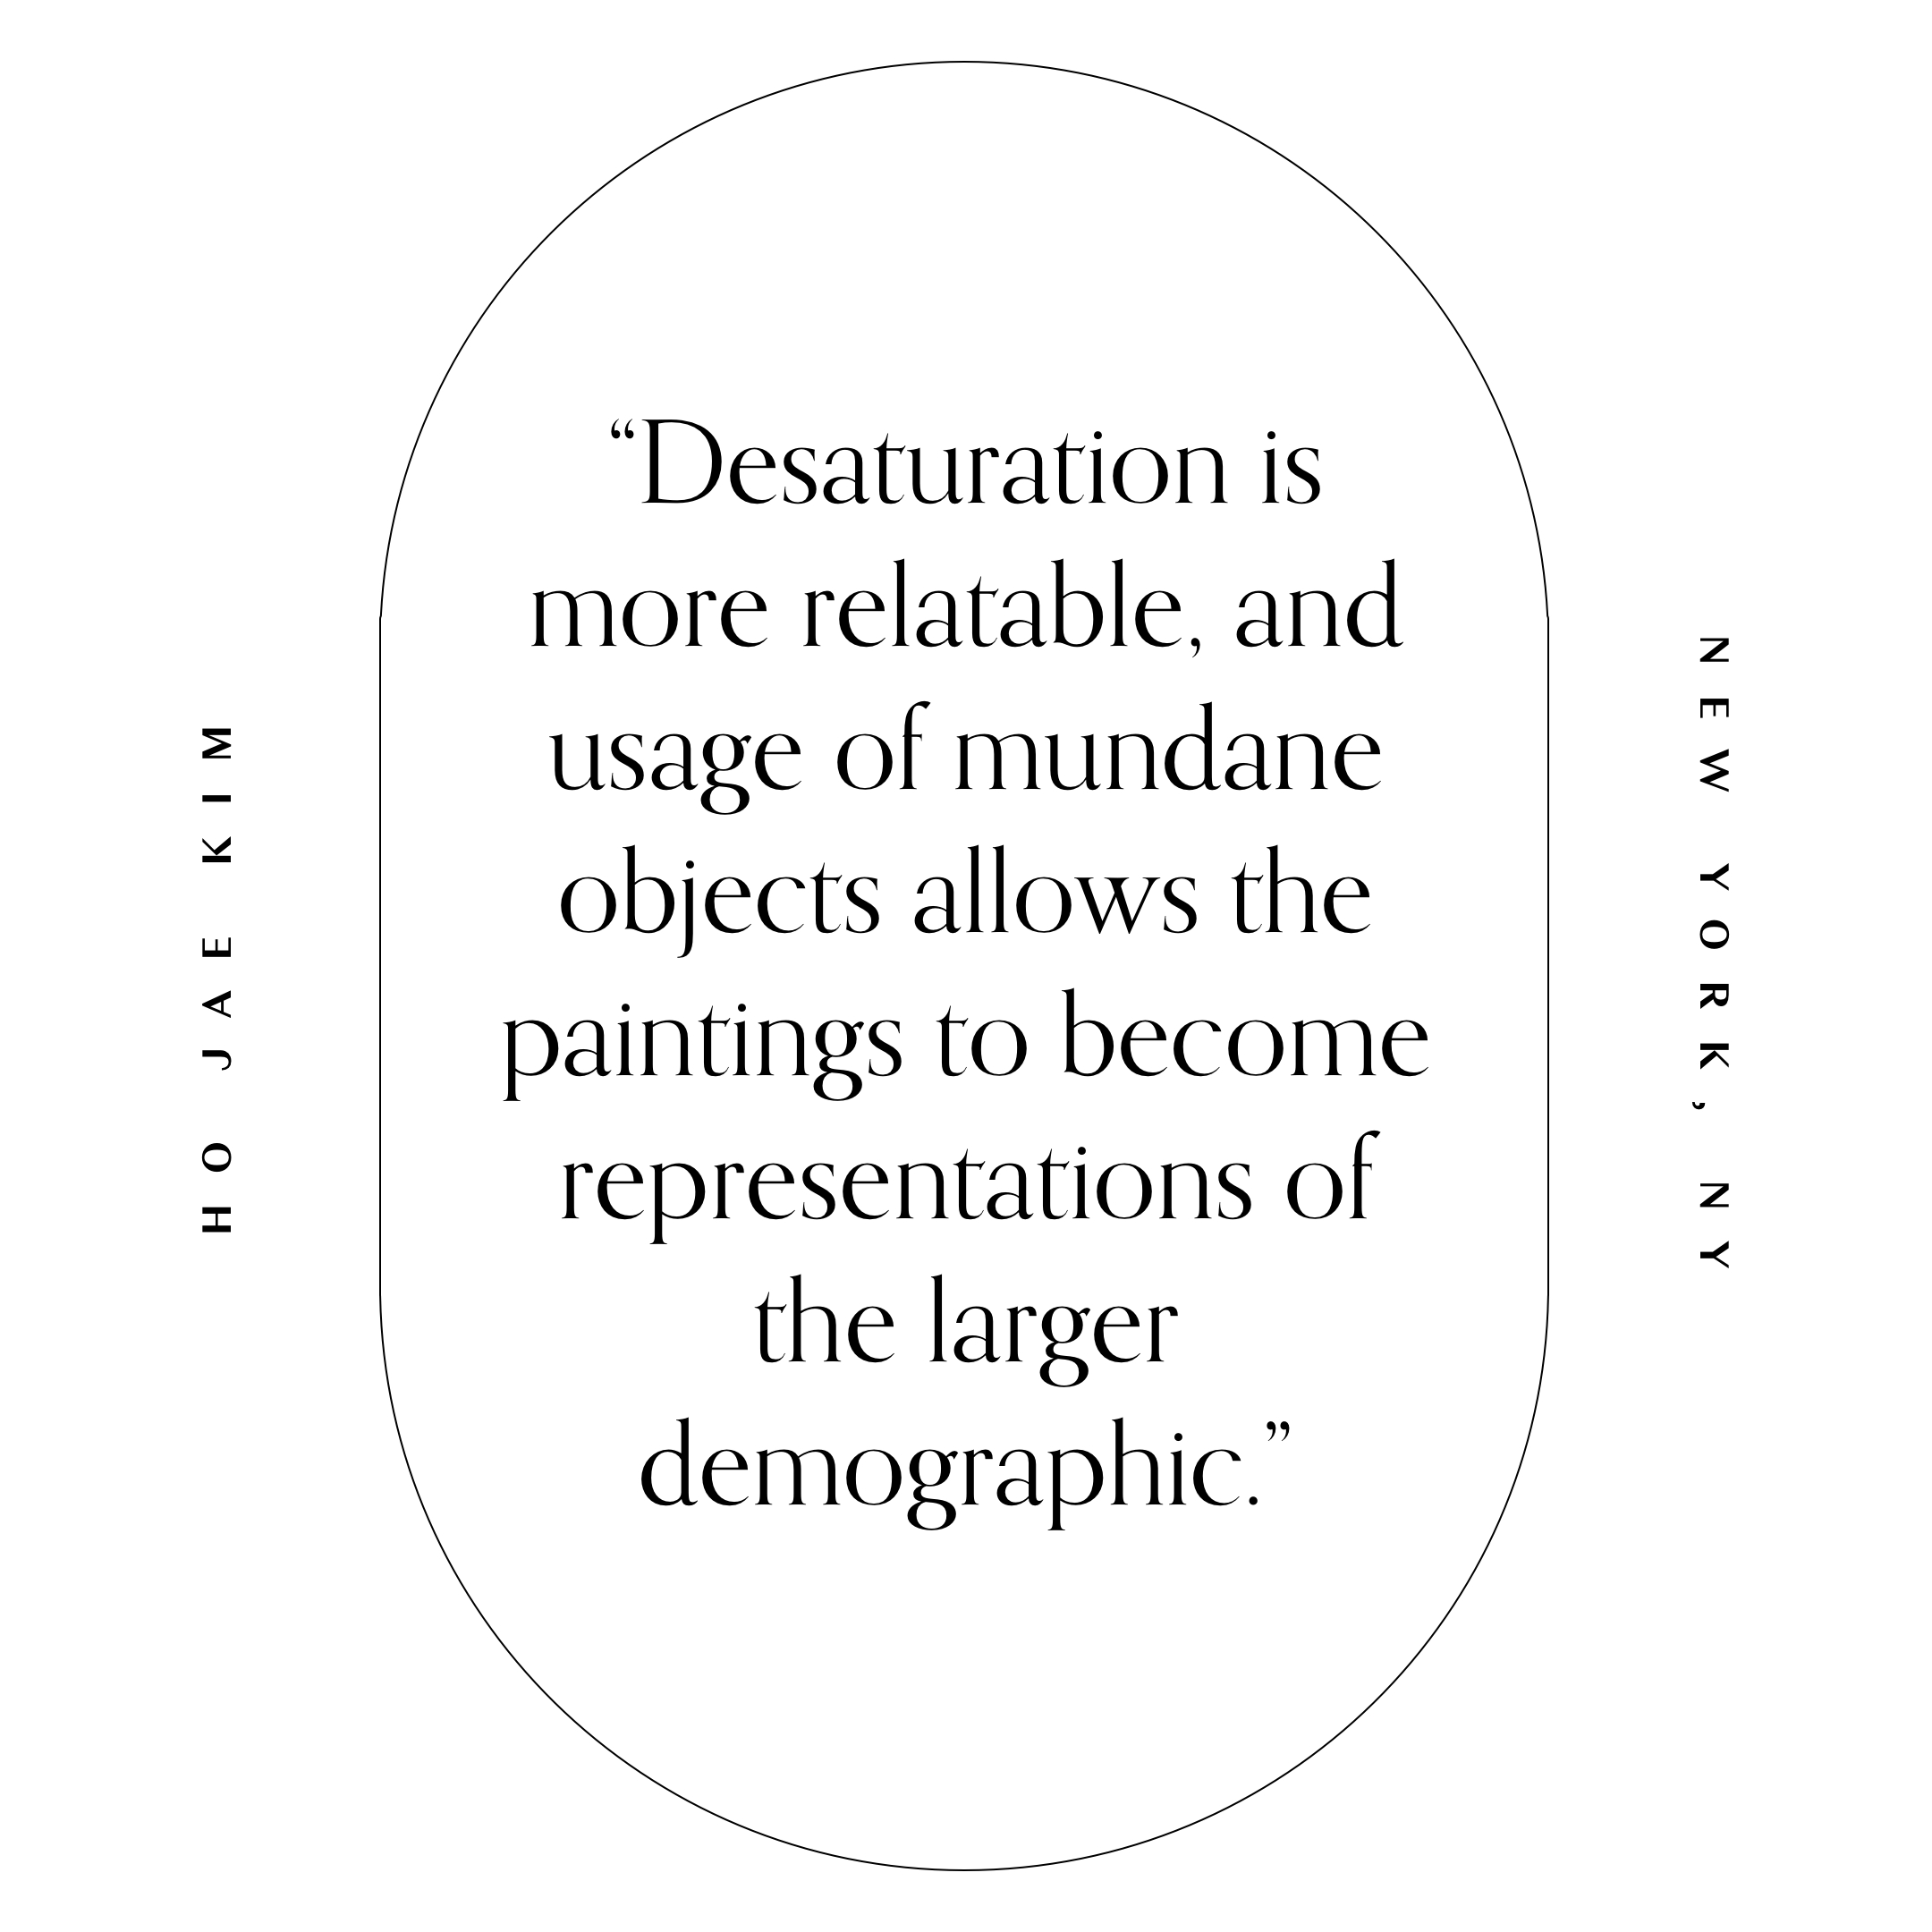 02-2-POST-RANDOM-QUOTE-1